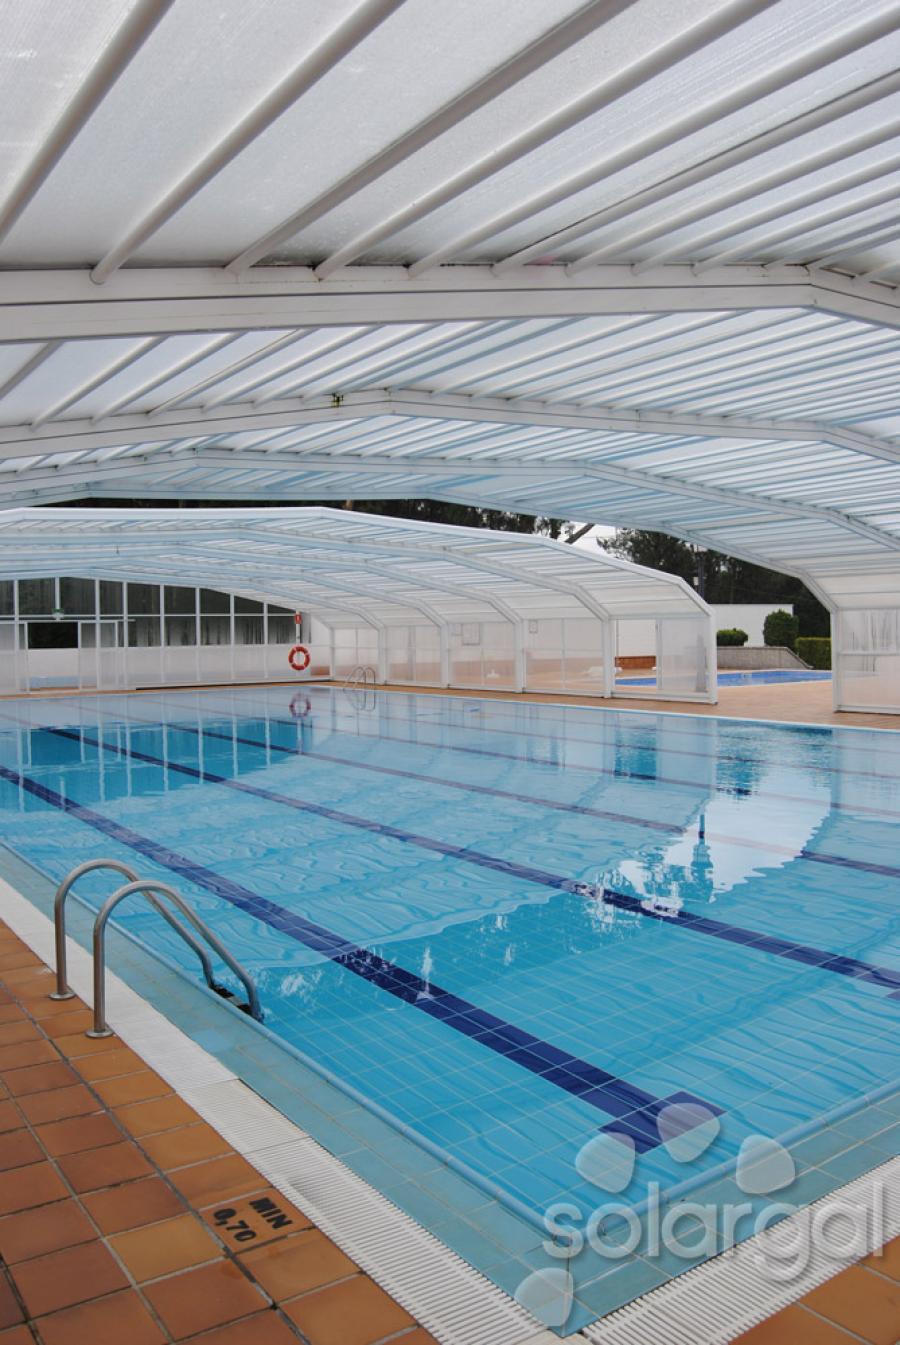 Instalaci n solar t rmica para acs y piscina polideportivo for Piscina polideportivo